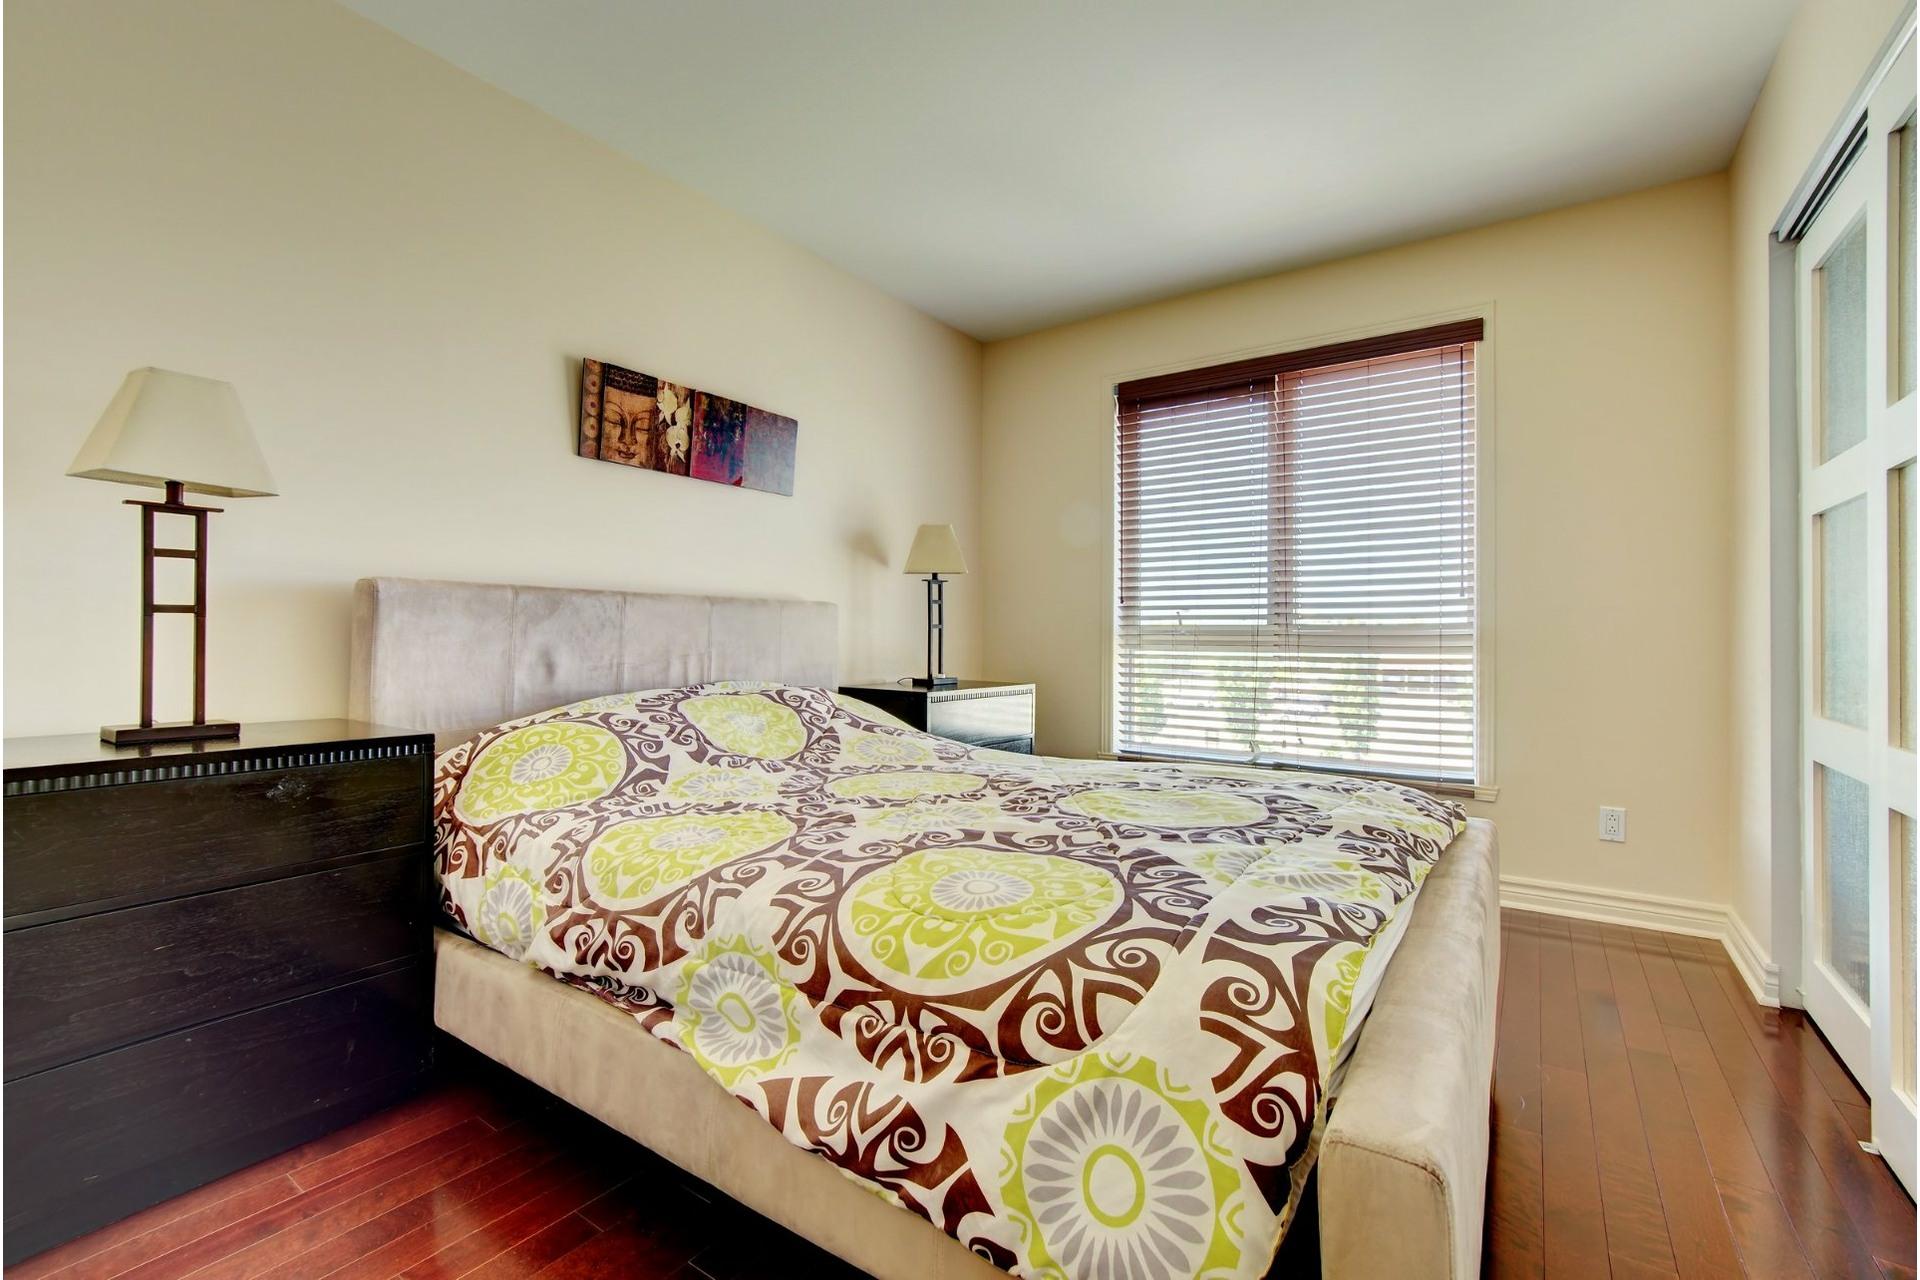 image 13 - Apartment For rent Laval-des-Rapides Laval  - 5 rooms